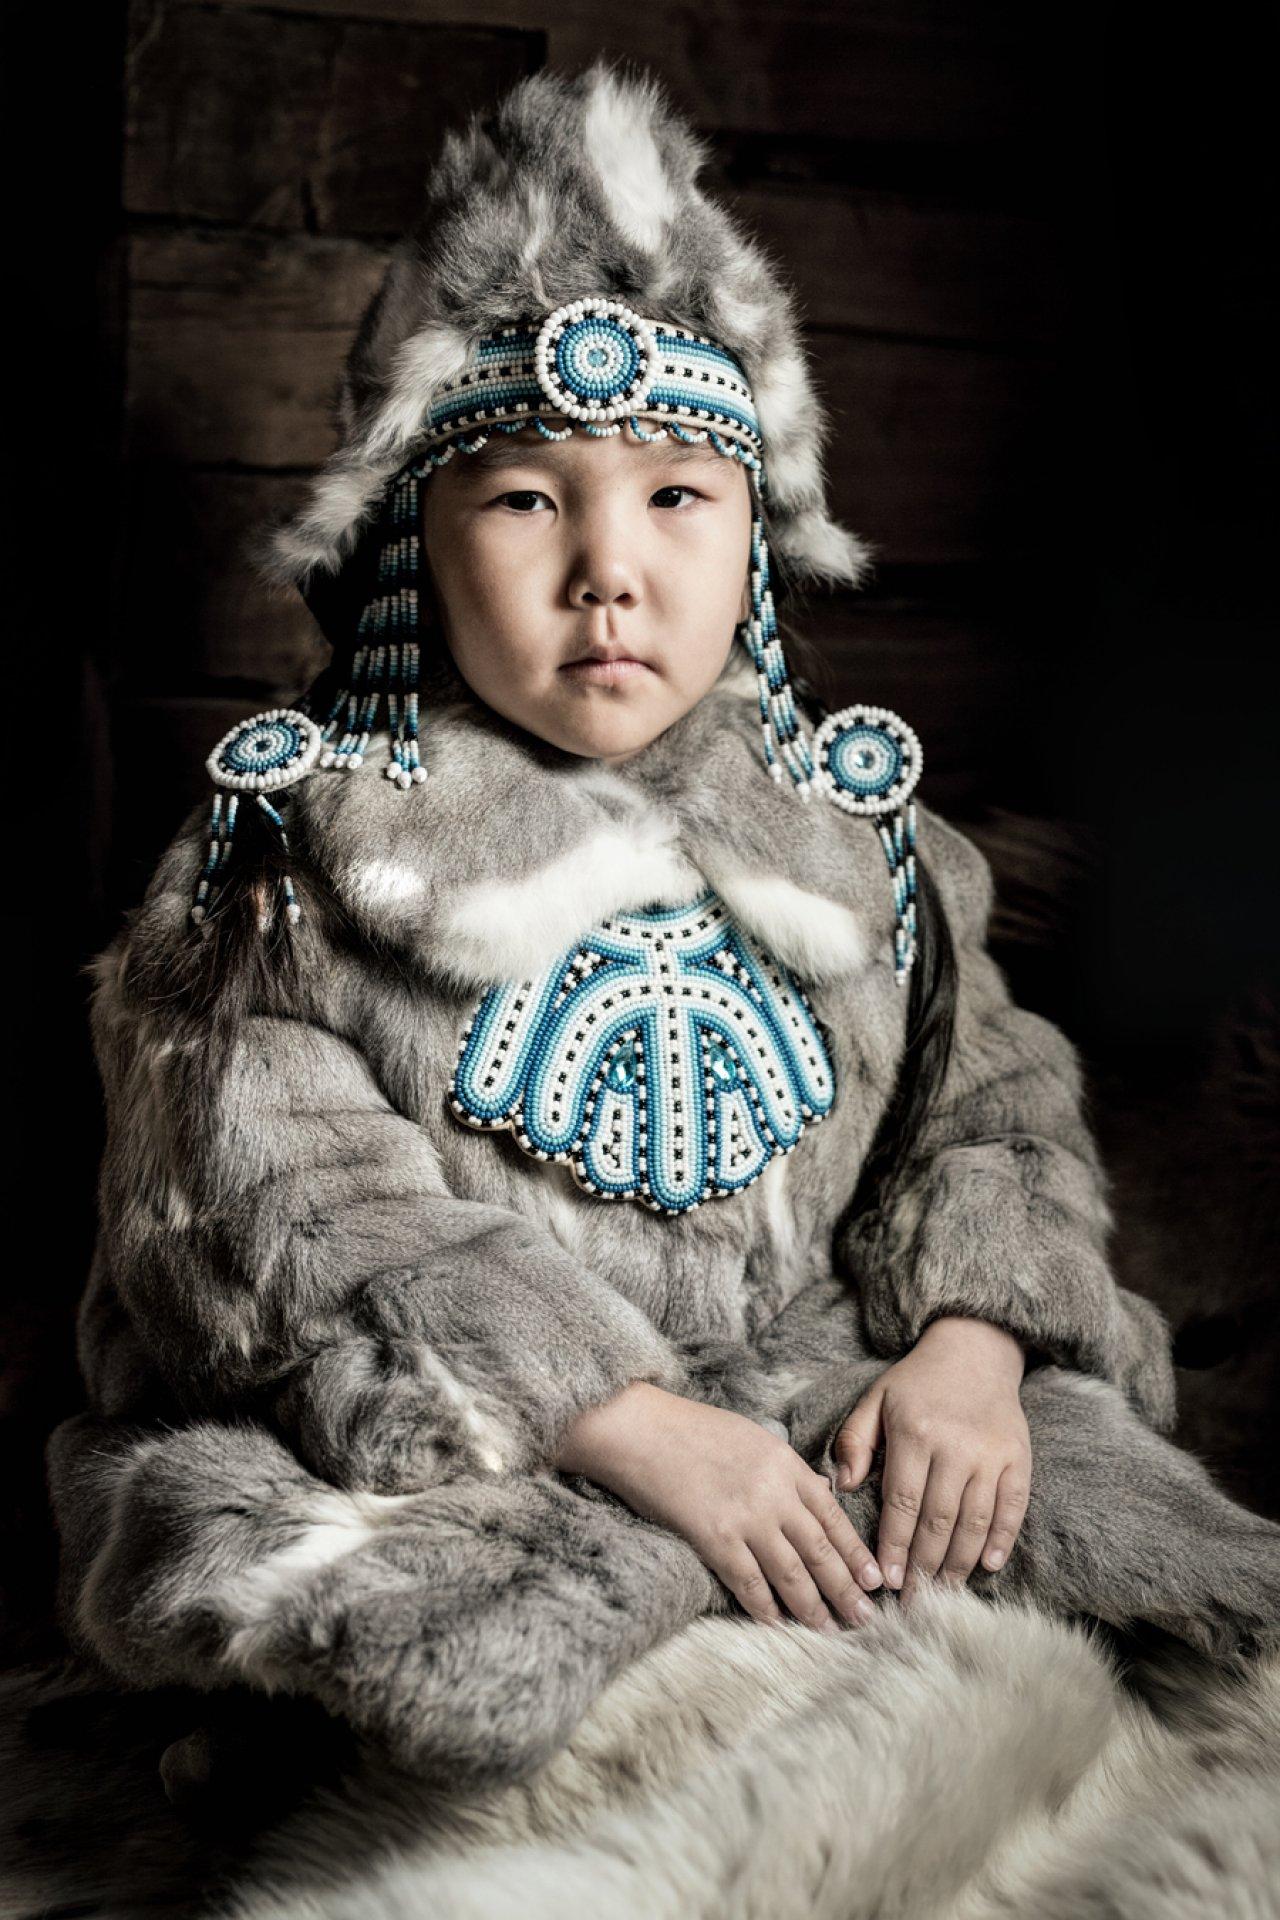 Якутская эвенка из Оленекского национального района, одного из самых холодных и самых удаленных уголков Якутии. Фото: © Alexander Khimushin / The World In Faces